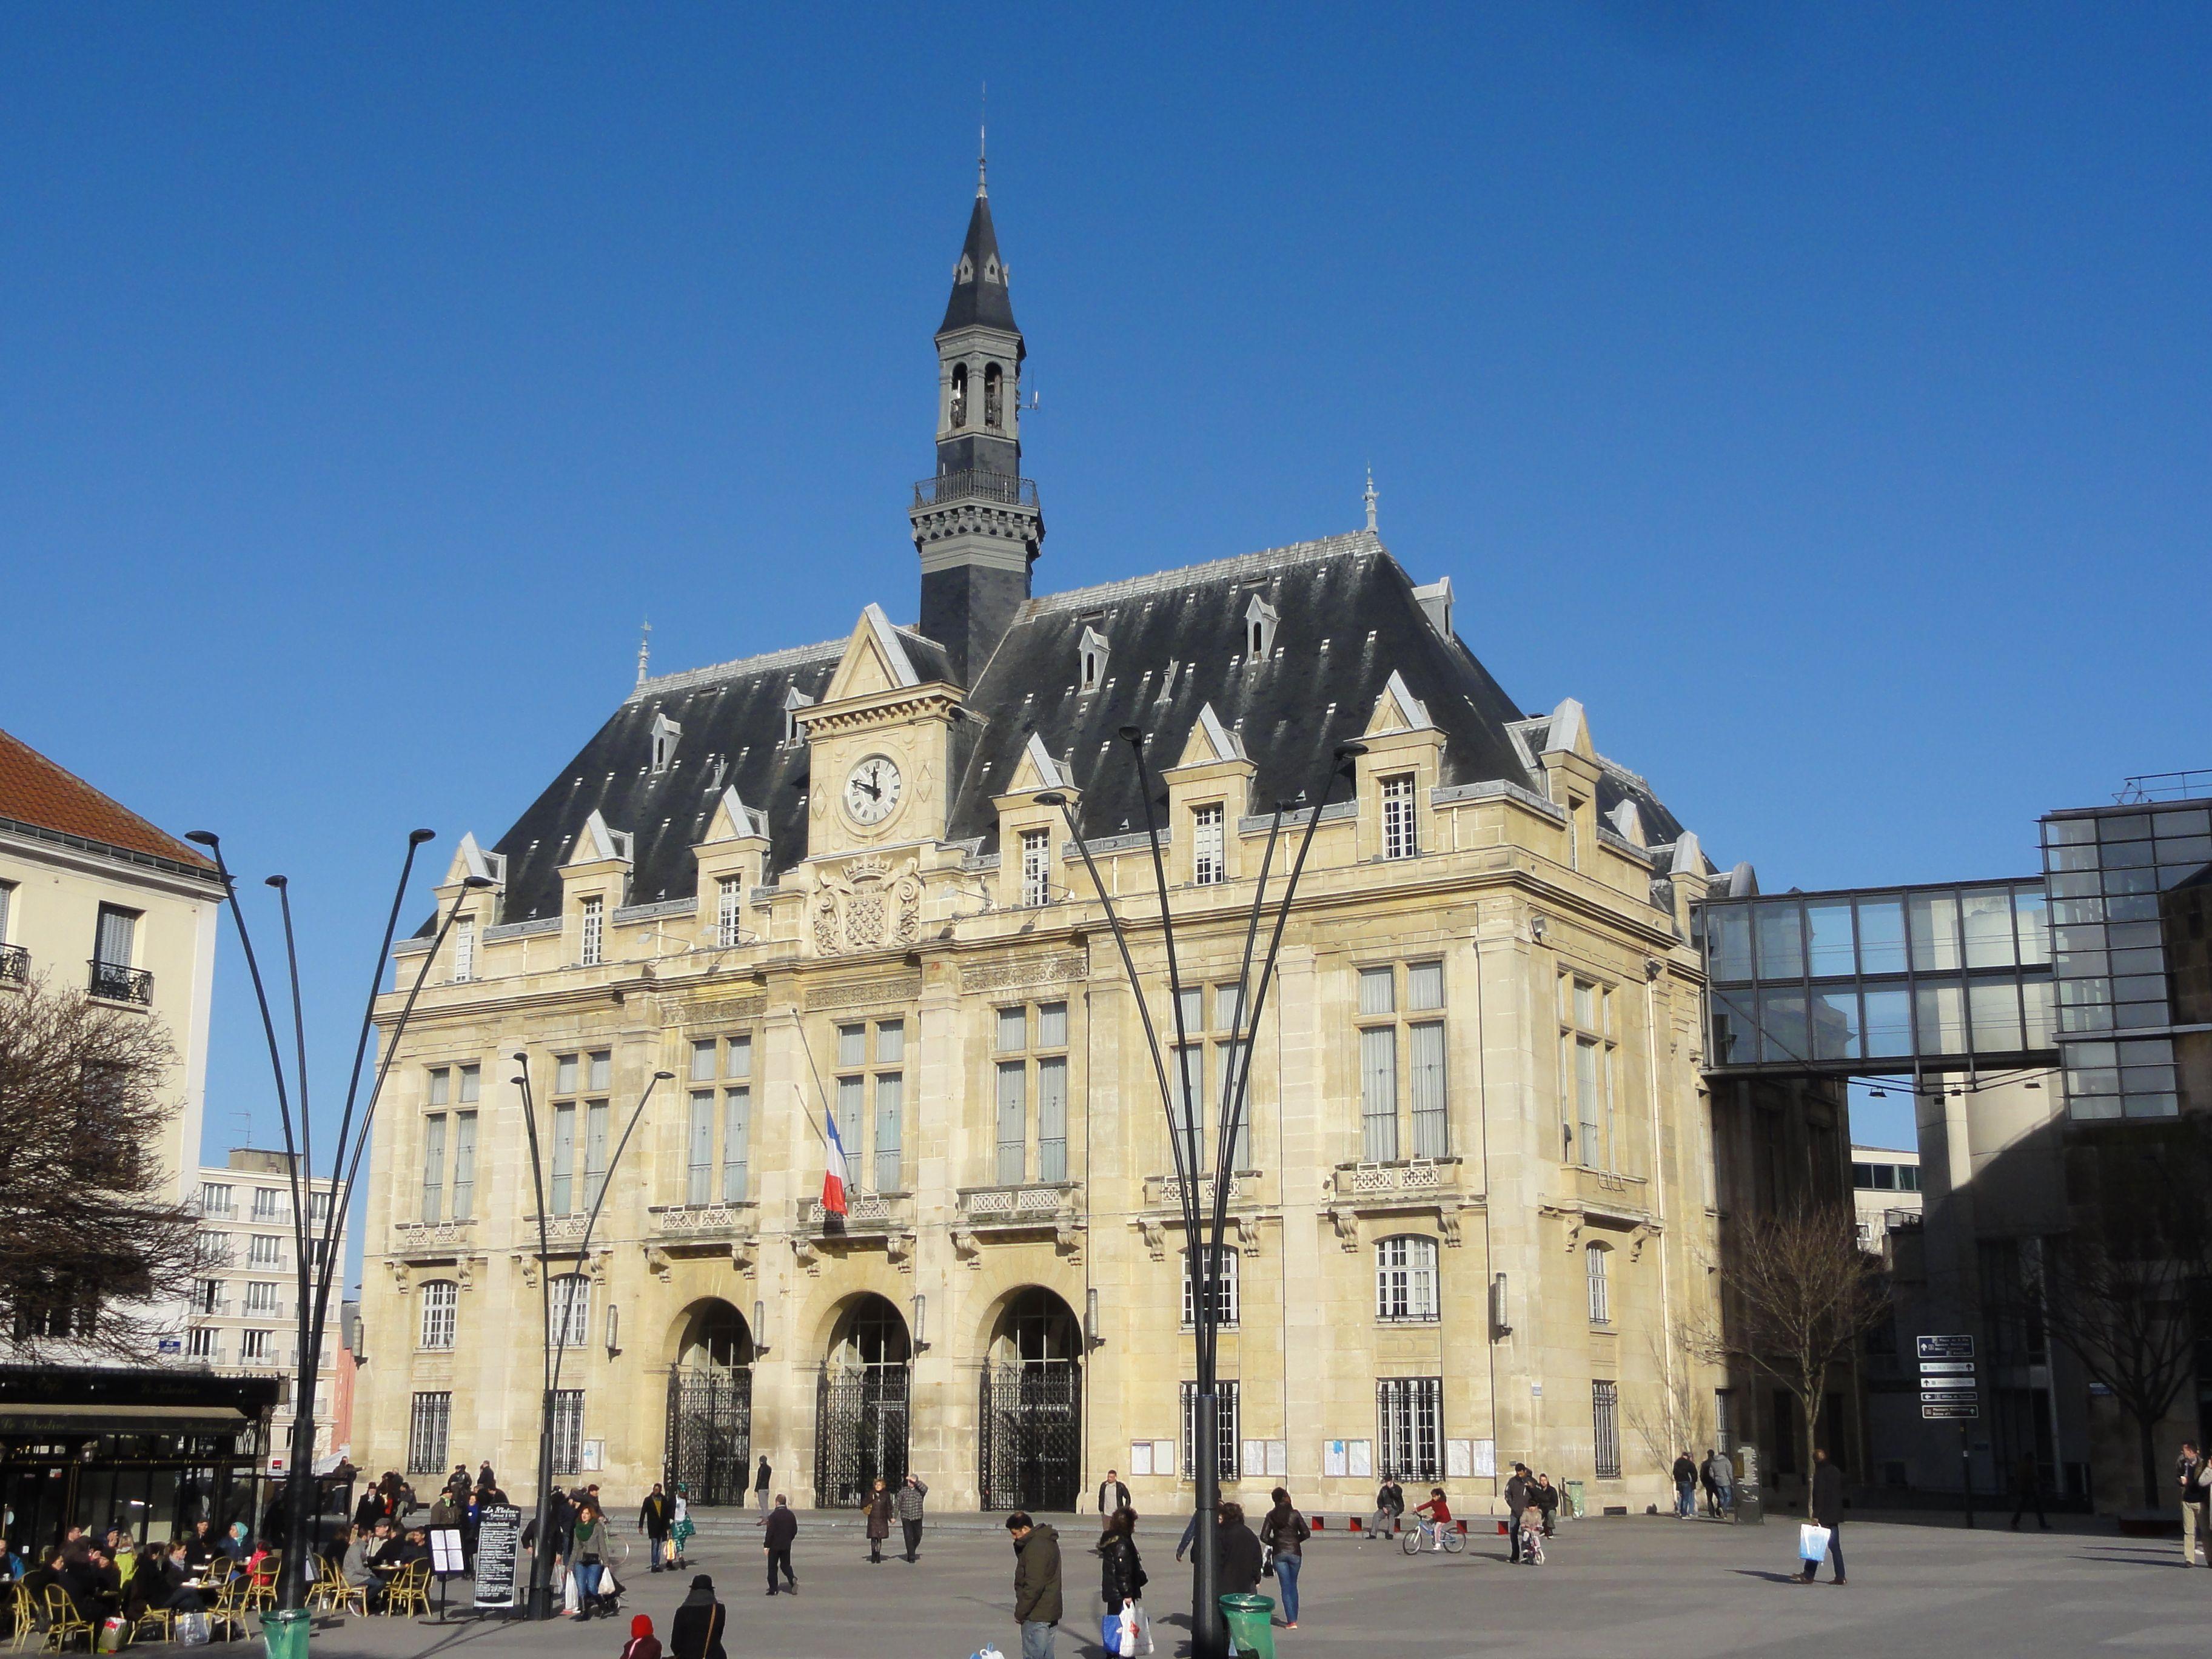 Restr saint denis 93 h tel de ville wikipedia - Piscine pierre de coubertin saint denis ...